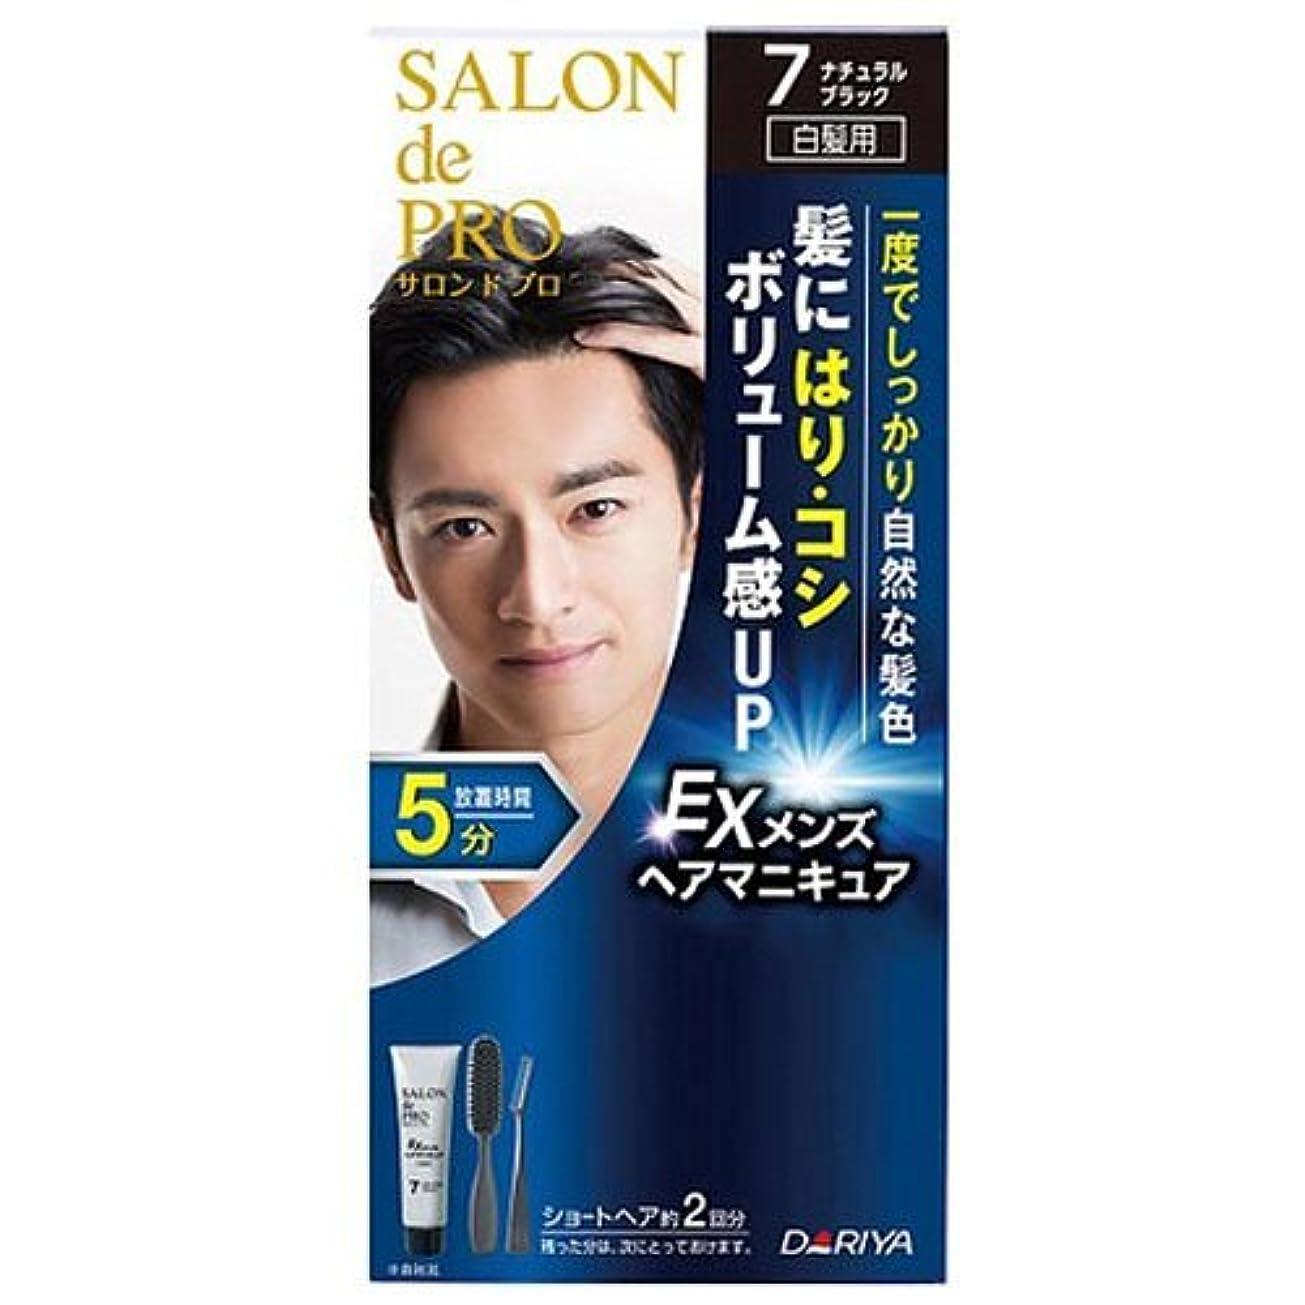 学期兵器庫エゴマニアサロンドプロ EXメンズヘアマニキュア 白髪用 7 ナチュラルブラック